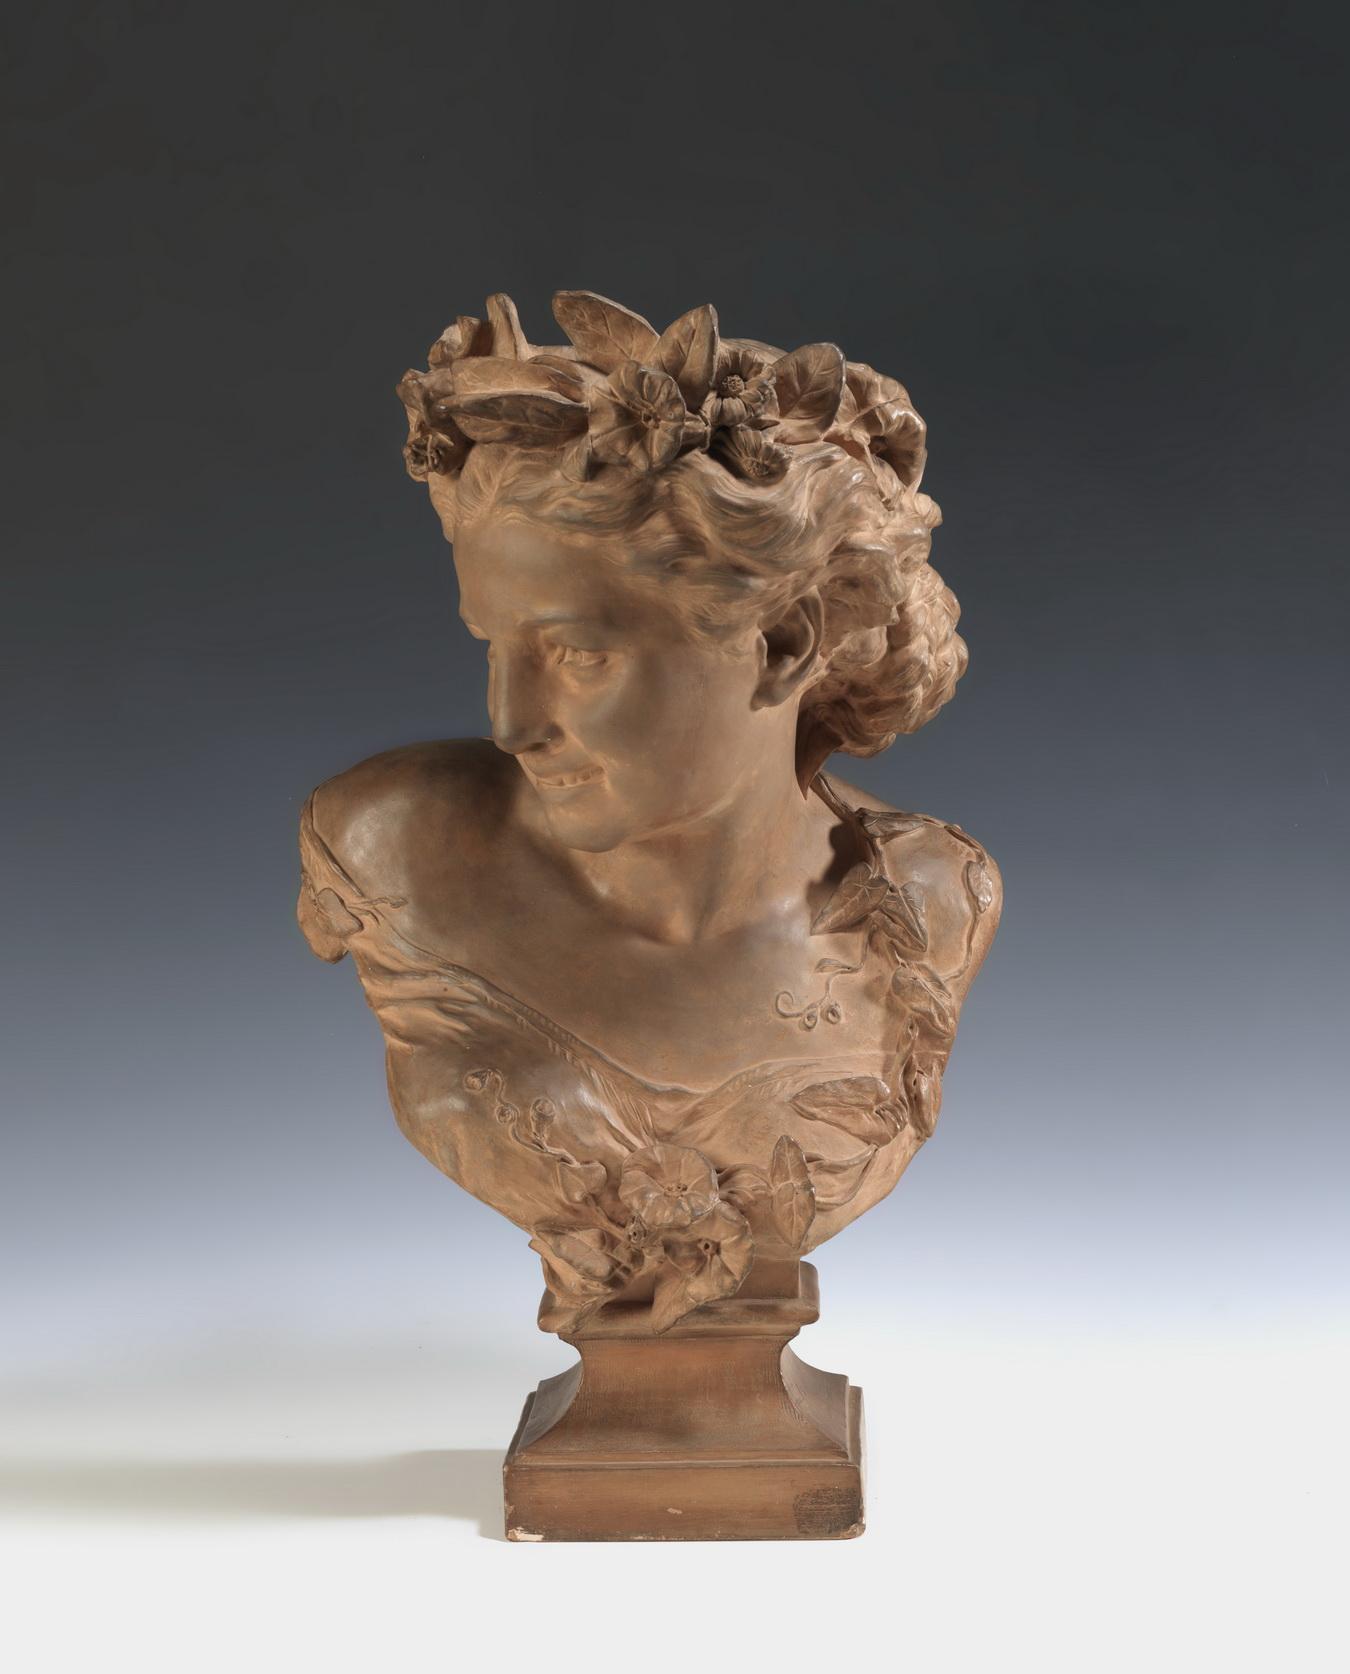 LA RIEUSE AUX ROSES - Patrimoine Charles-André COLONNA WALEWSKI, en ligne directe de Napoléon